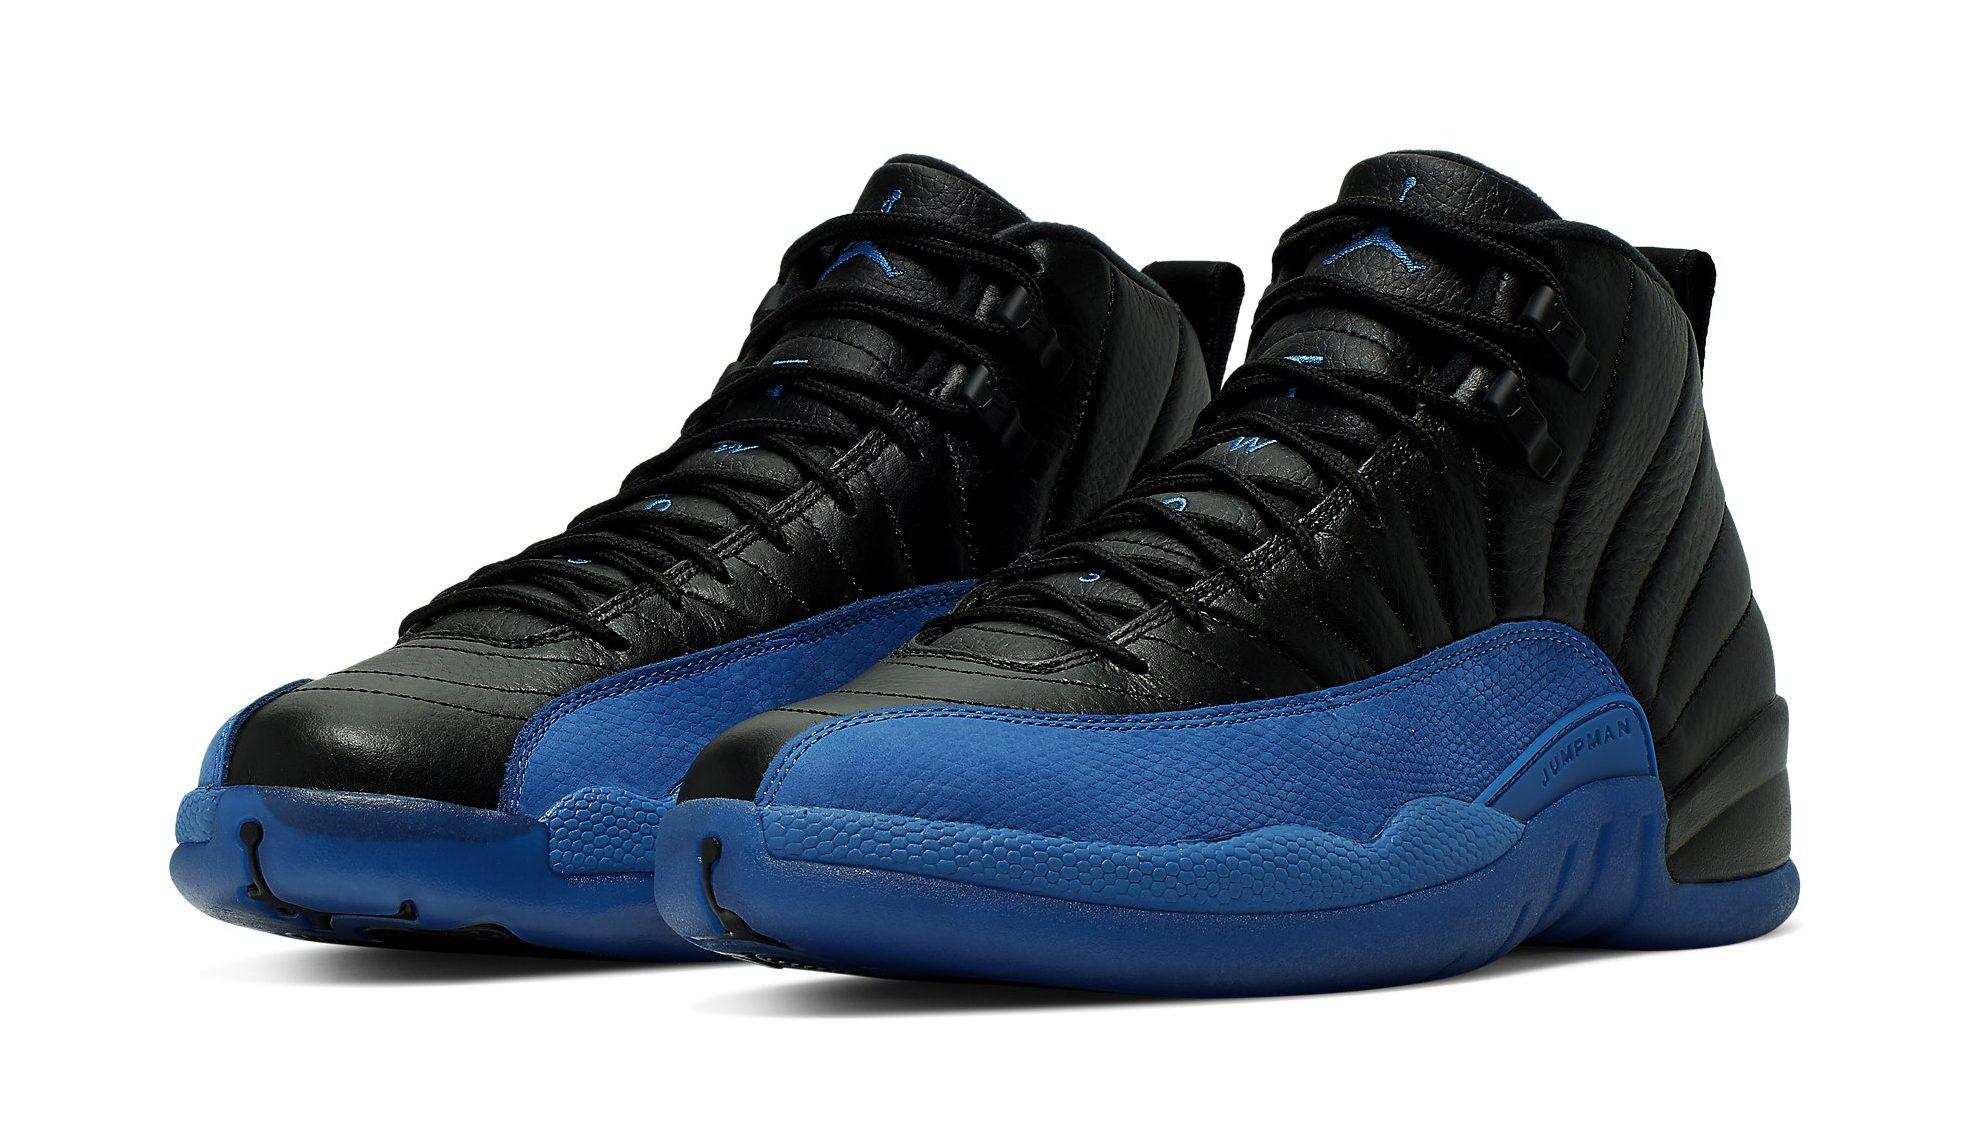 Air Jordan Game Royal 12 Sneakers: What